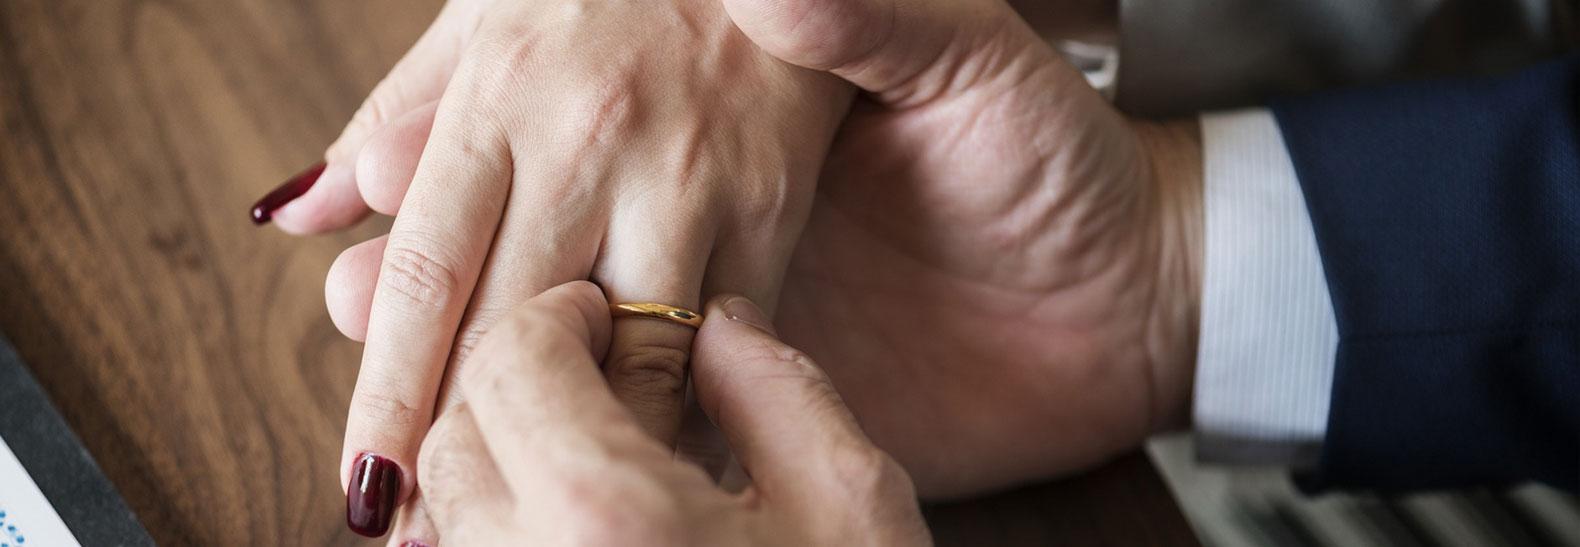 anelli-nozze-d-oro-50-anni-di-matrimonio